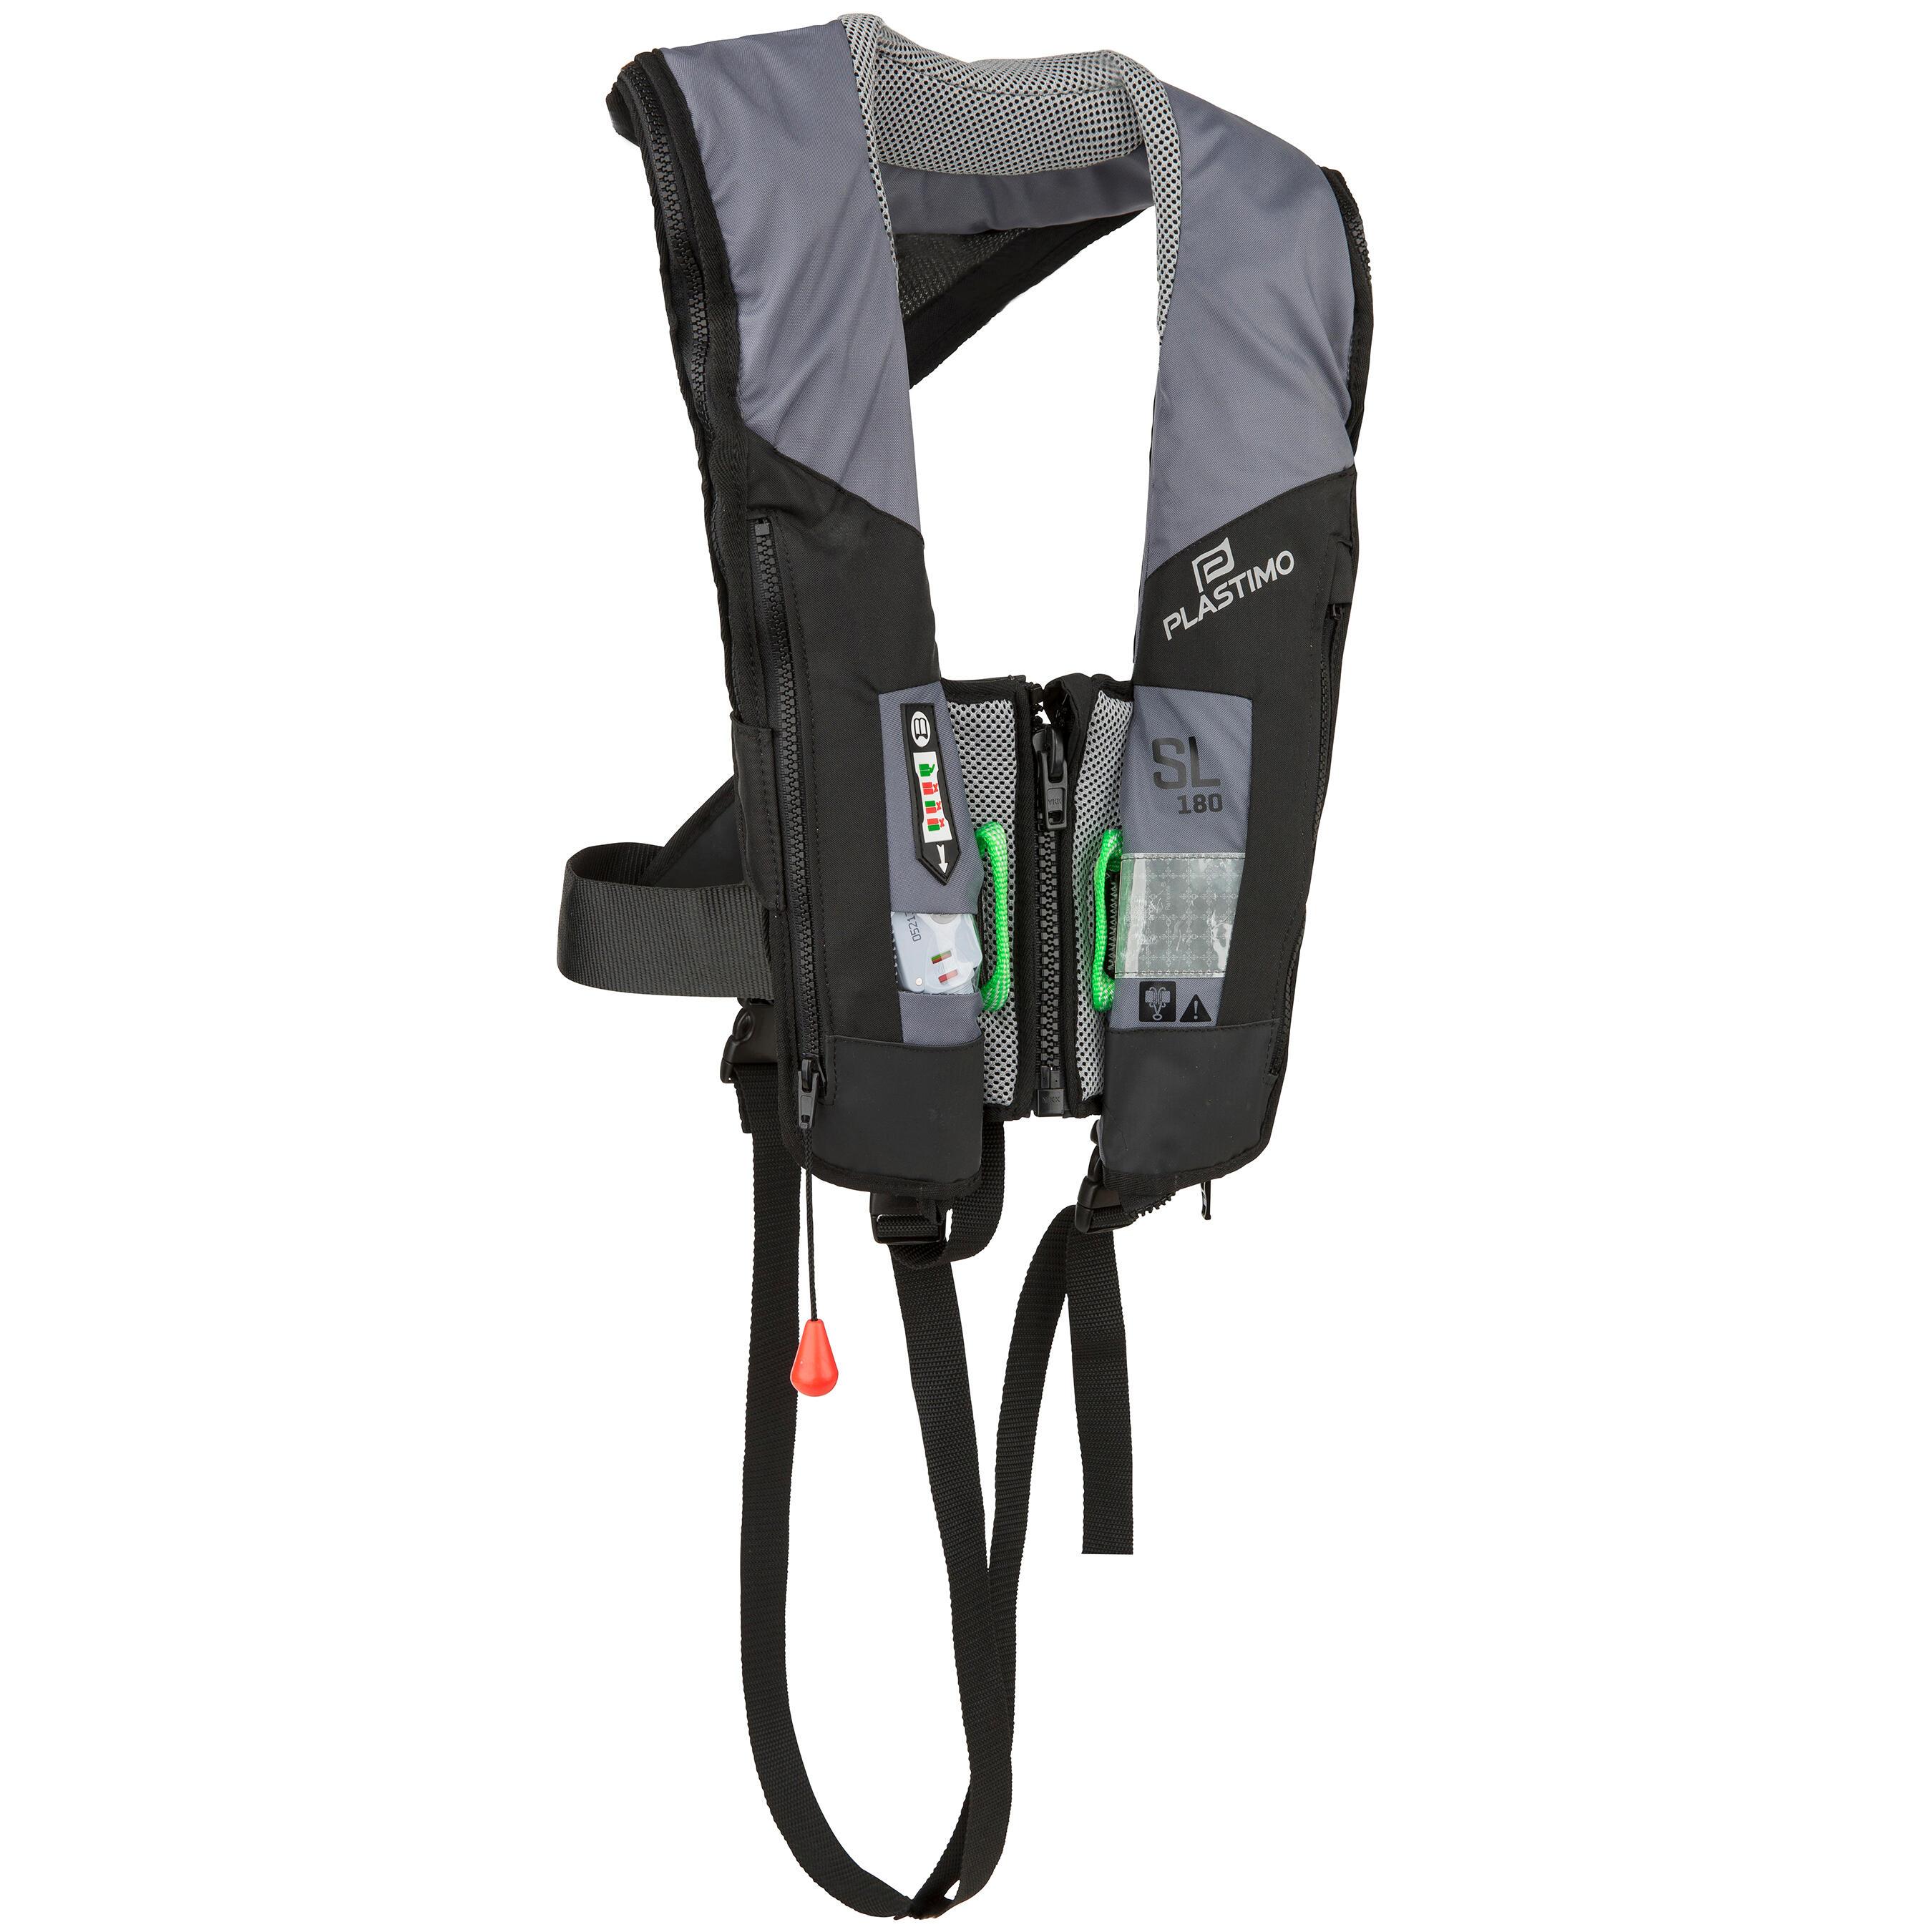 Plastimo Automatisch reddingsvest voor volwassenen, voor zeilen, SL180 + harnas